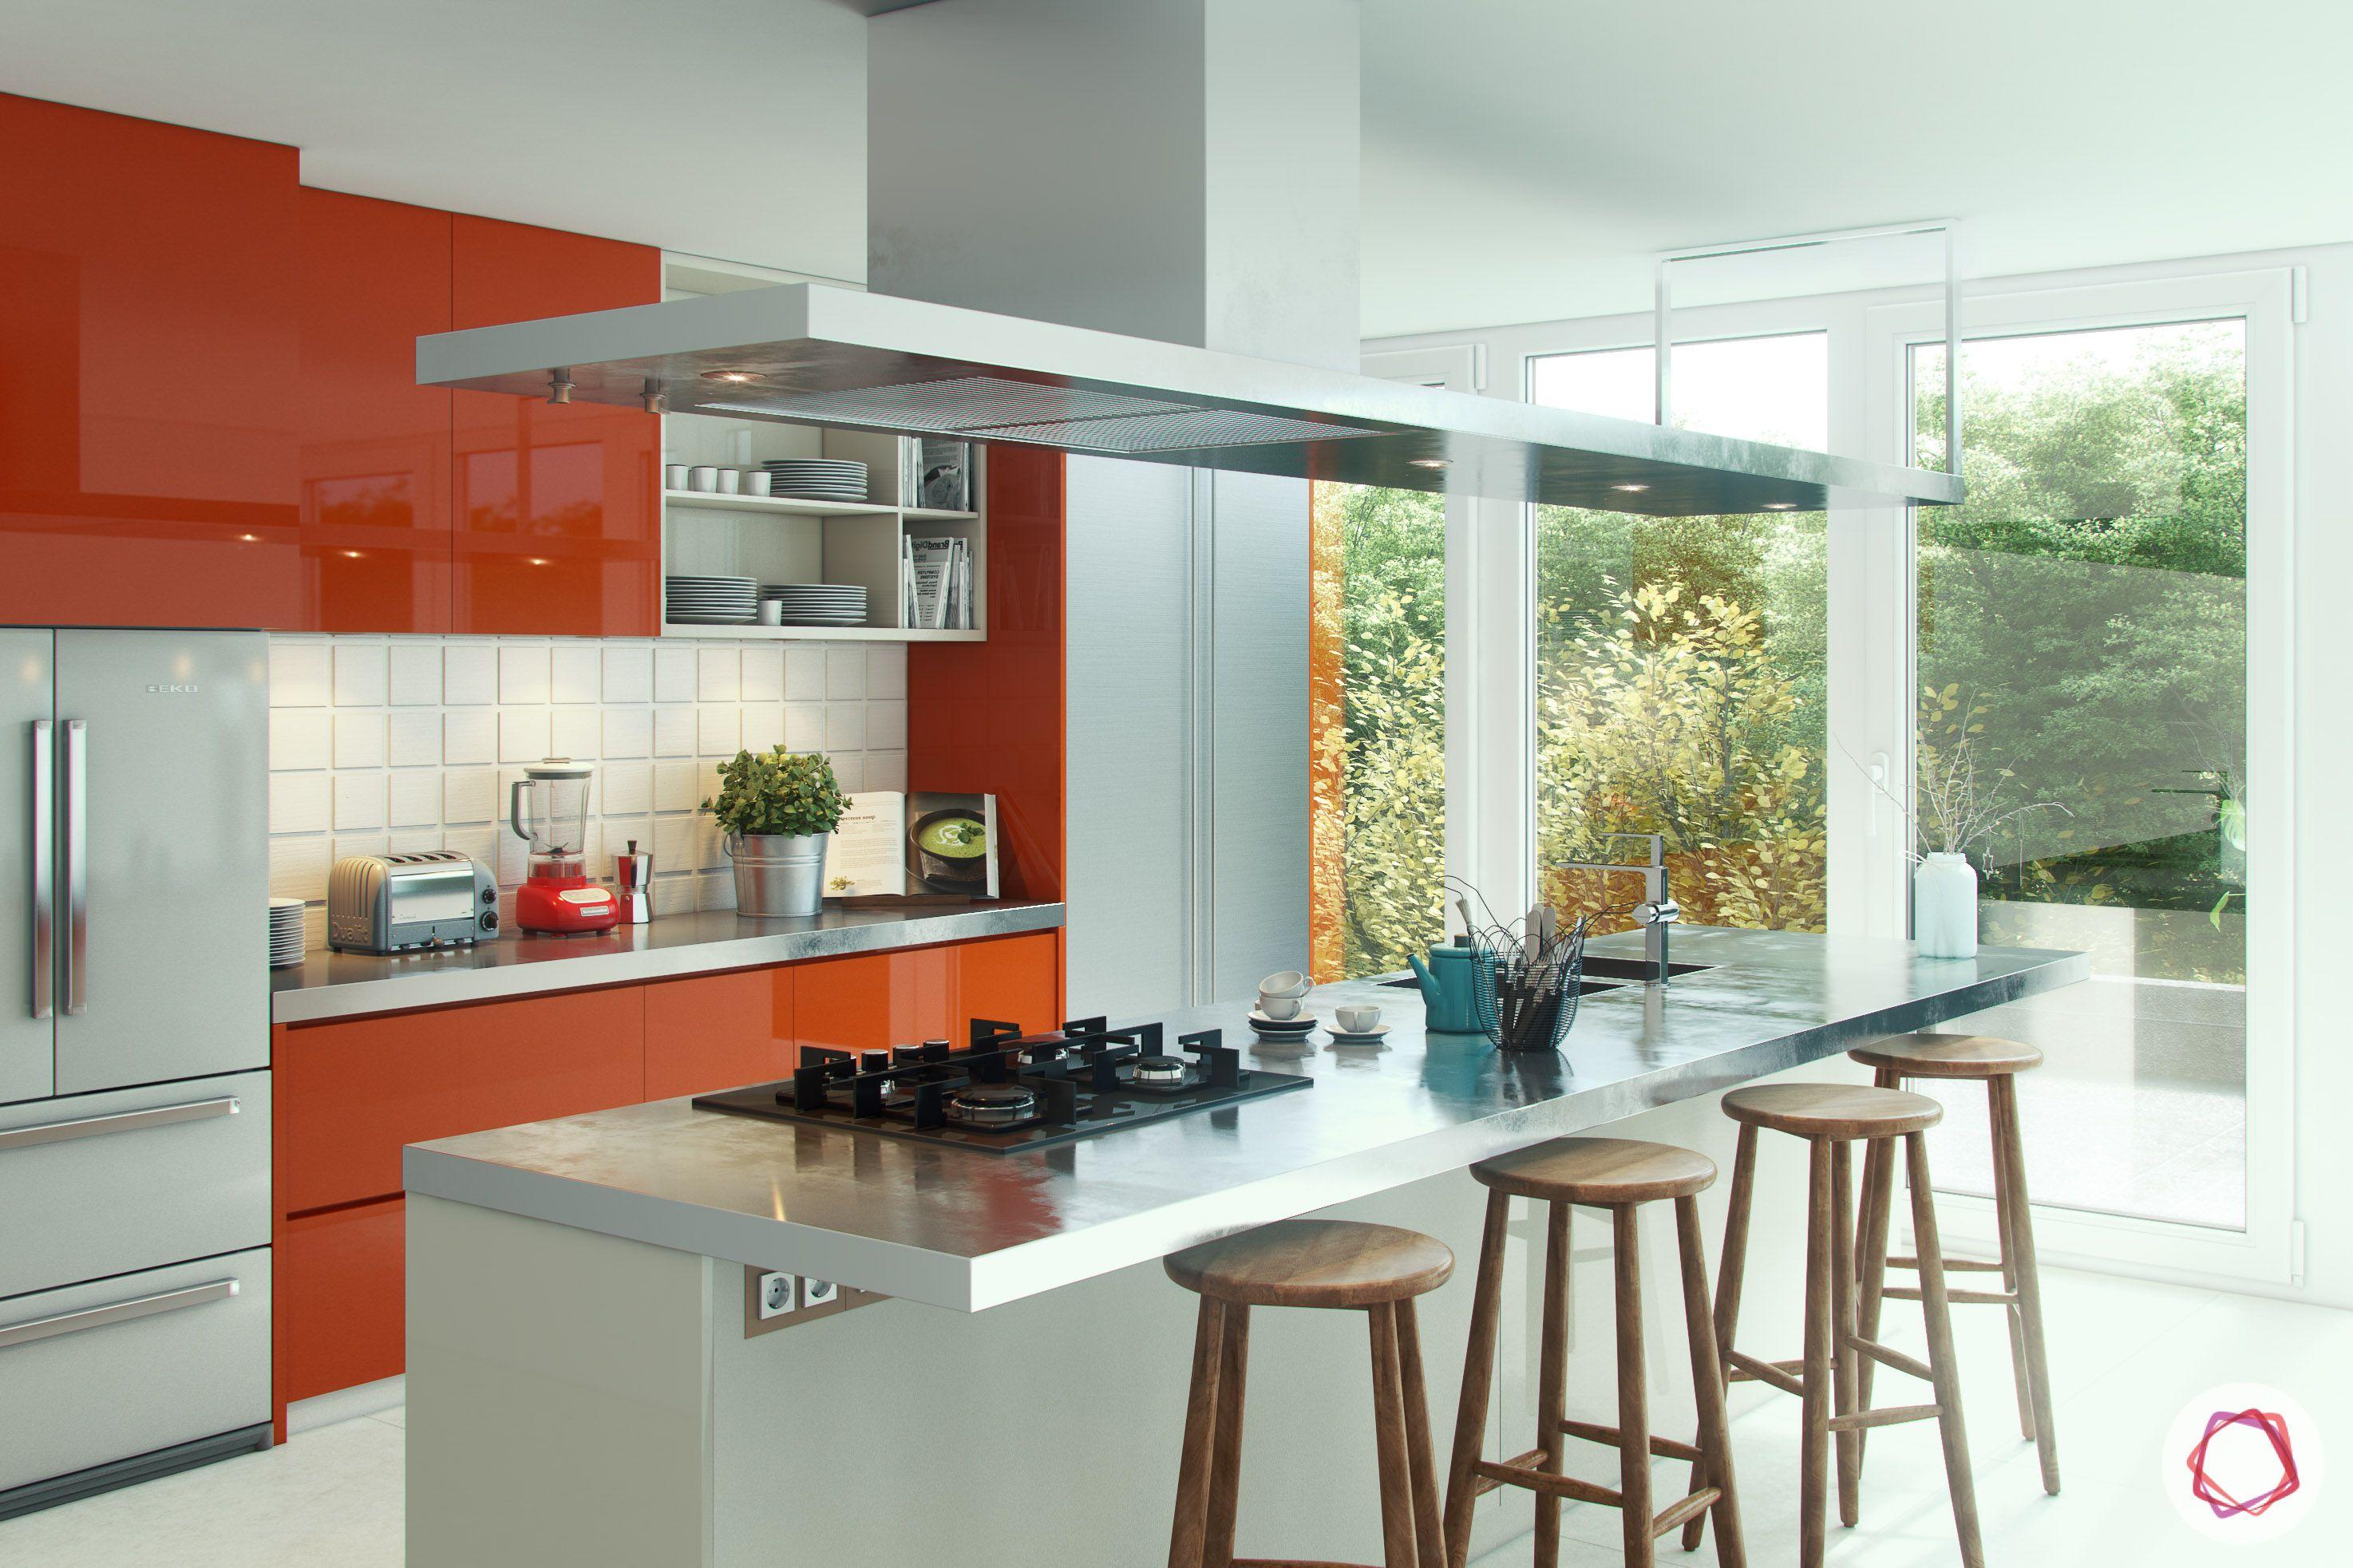 modular kitchen-orange cabinet designs